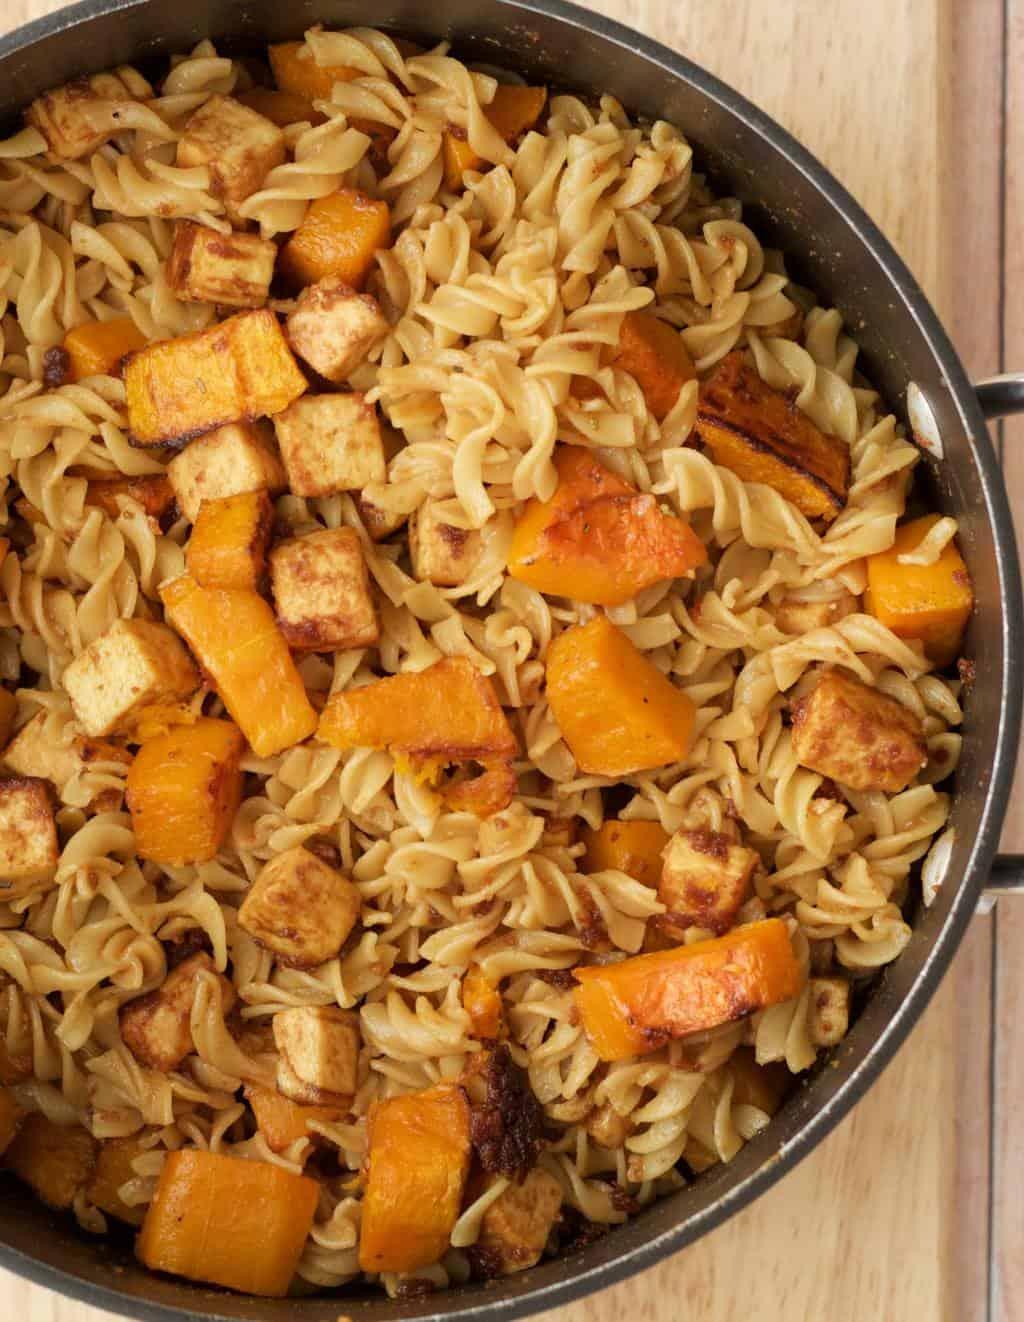 Making Spicy Peanut Pasta with Roasted Butternut and Crispy Tofu #vegan #lovingitvegan